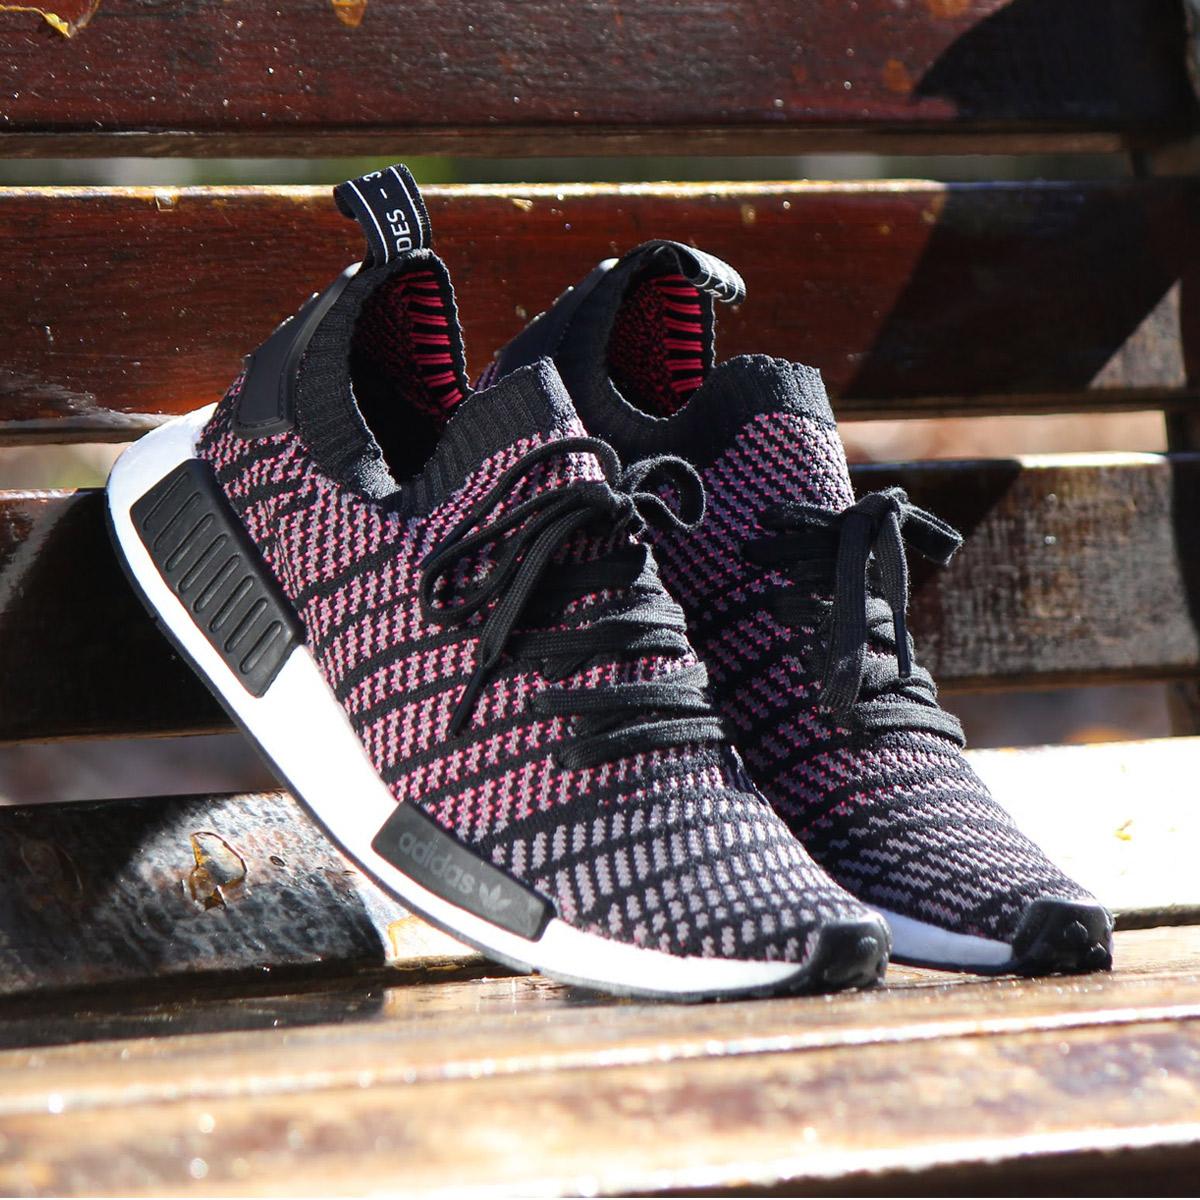 3105bdd5410d9 adidas Originals NMD R1 STLT PK (Adidas originals N M D R1 STLT PK) Core  Black Grey Four Solar Pink 18SP-S